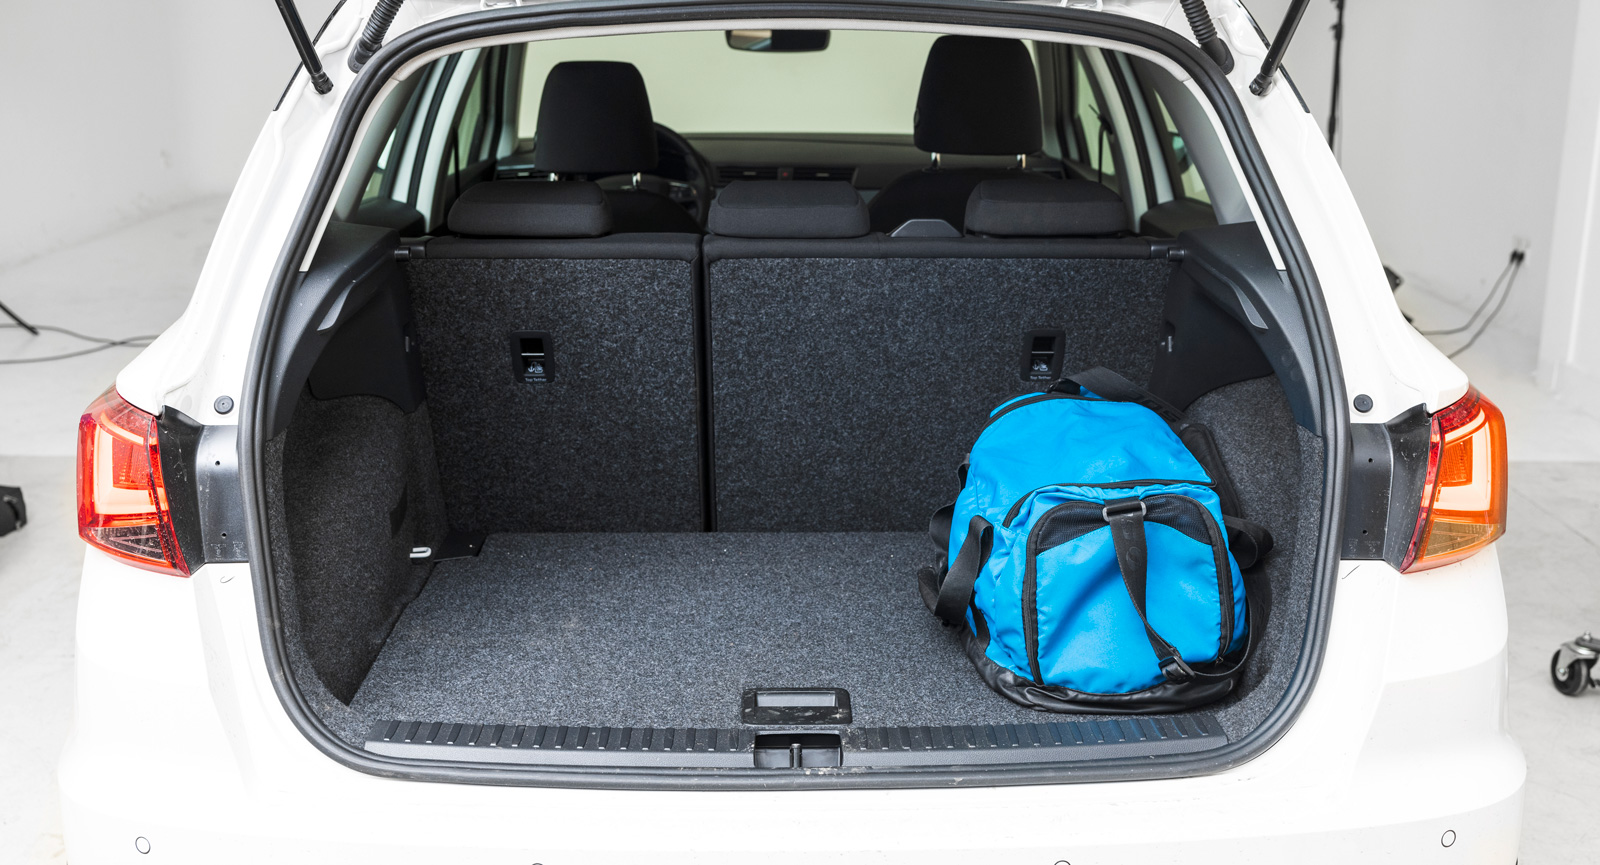 Baksätet delas som i konkurrenterna i 40/60. I Kia är bältesvakten svåranvänd, i Seat finns ett enkelt clips så att säkerhetsbältet inte skadas när sätet fälls tillbaka. Trots dubbelt lastgolv sluttar lastgolvet kraftigt vid fällning, men då fri från tröskel som i Kia och Dacia.